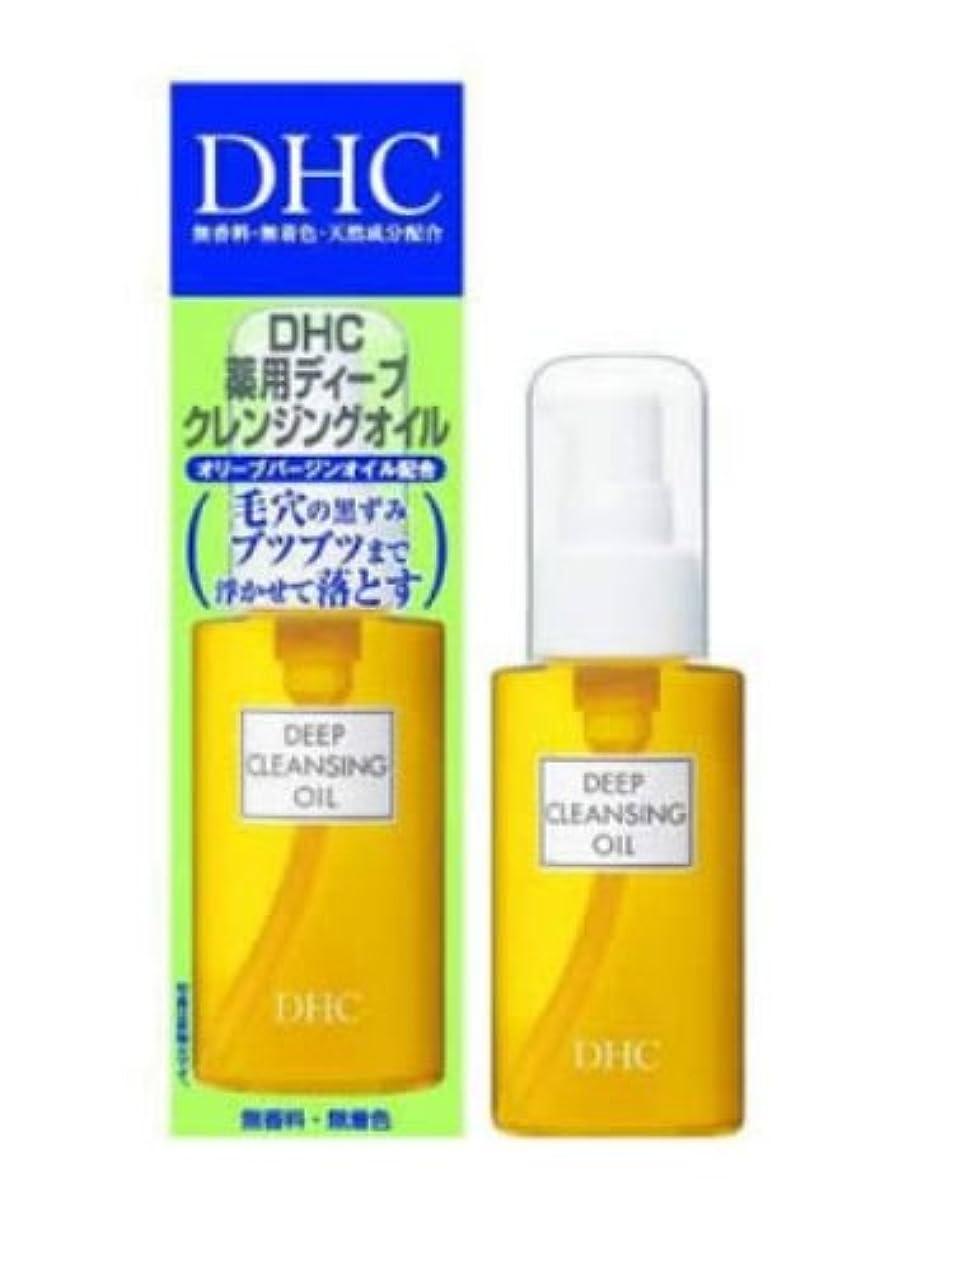 バックアップ悪性腫瘍影響を受けやすいですDHC ディープクレンジングオイル 70ml